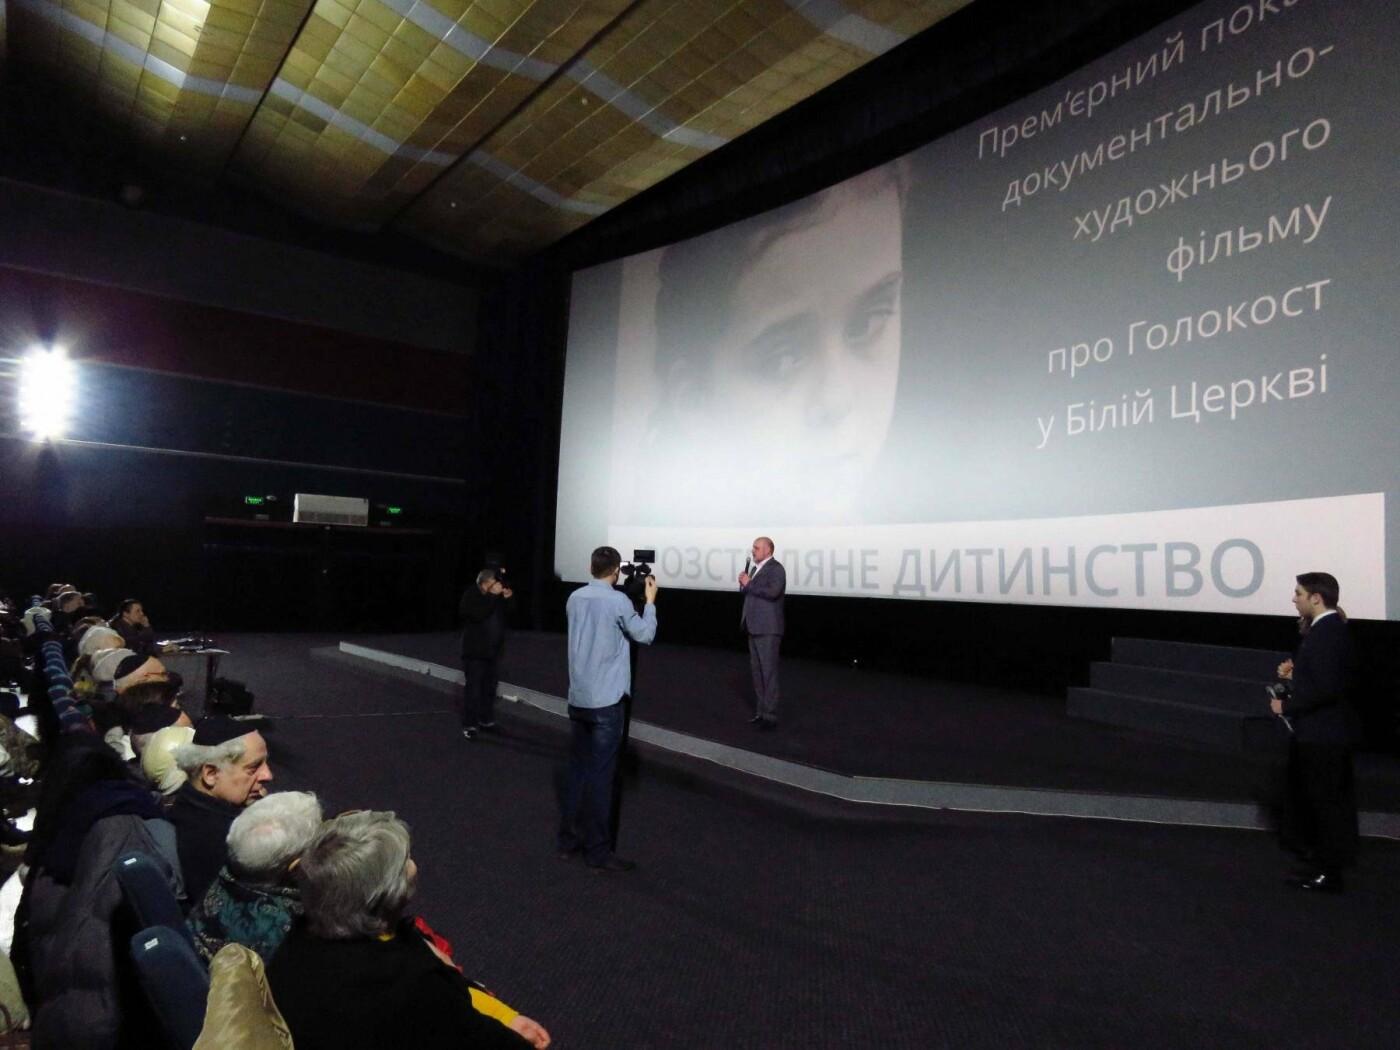 У Білій Церкві на прем'єрі фільму про Голокост були присутні очевидці трагедії  , фото-4